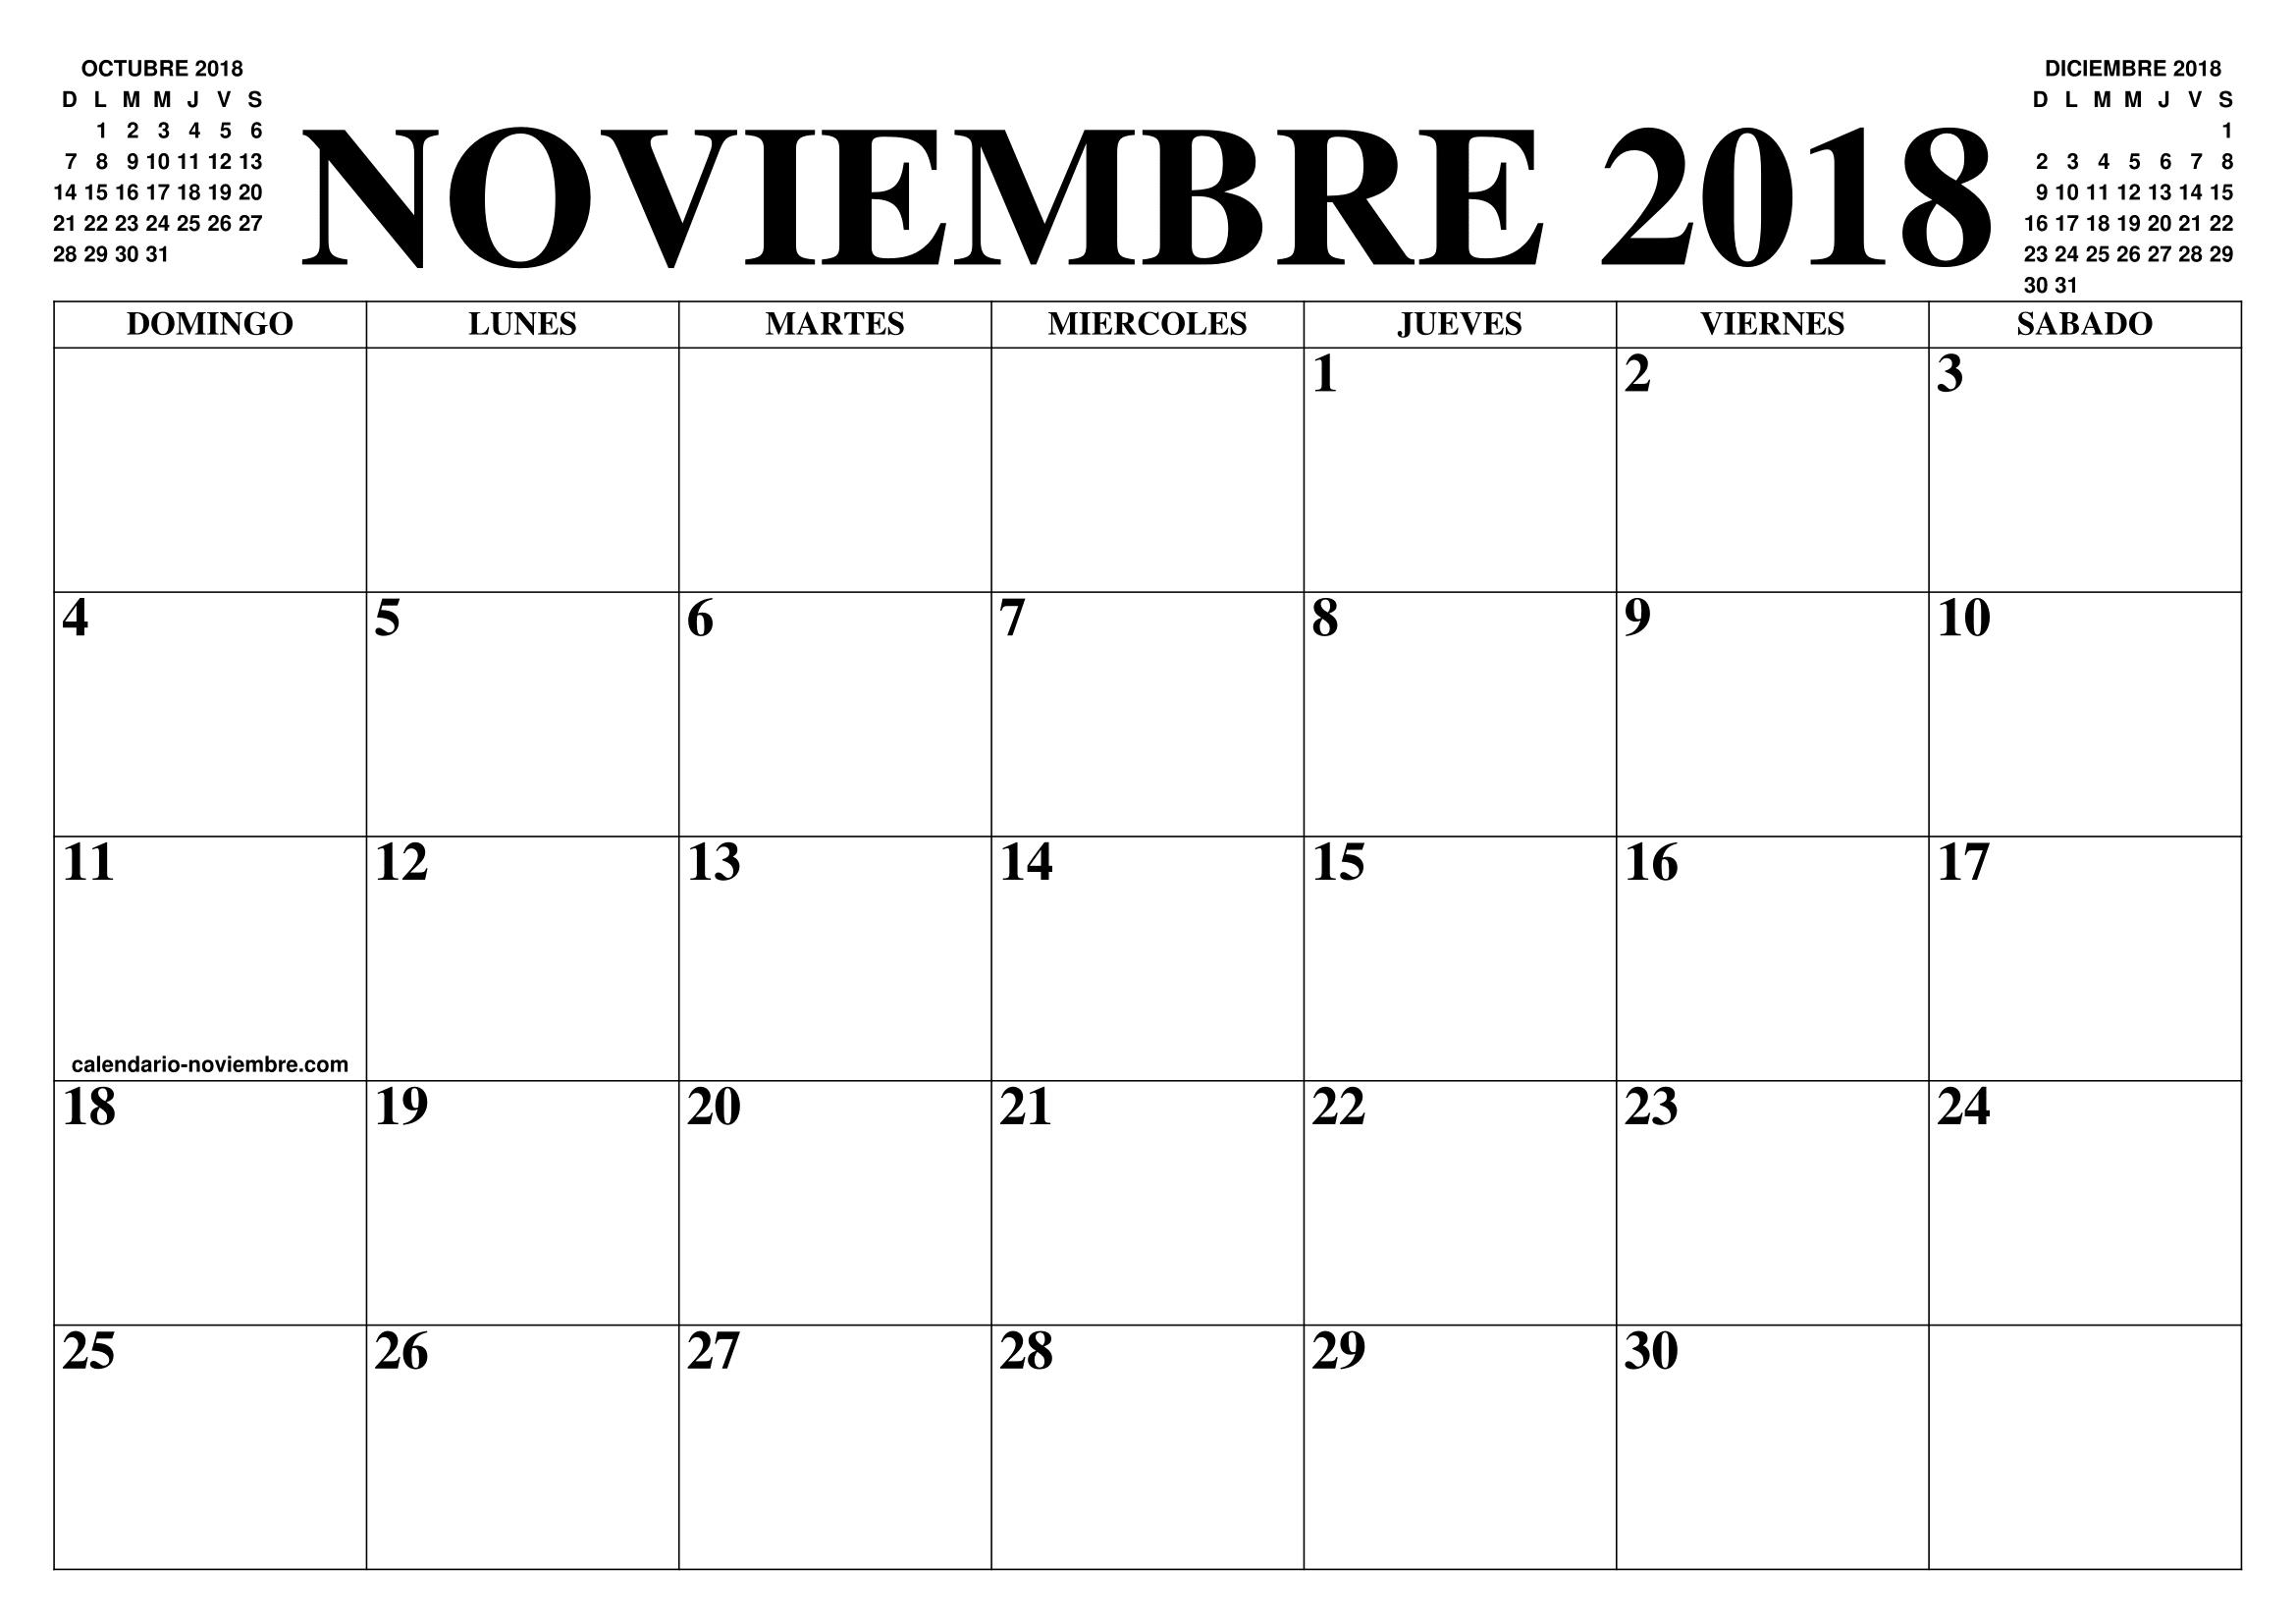 Calendario noviembre 2018 2019 el calendario noviembre for Calendario de pared 2018